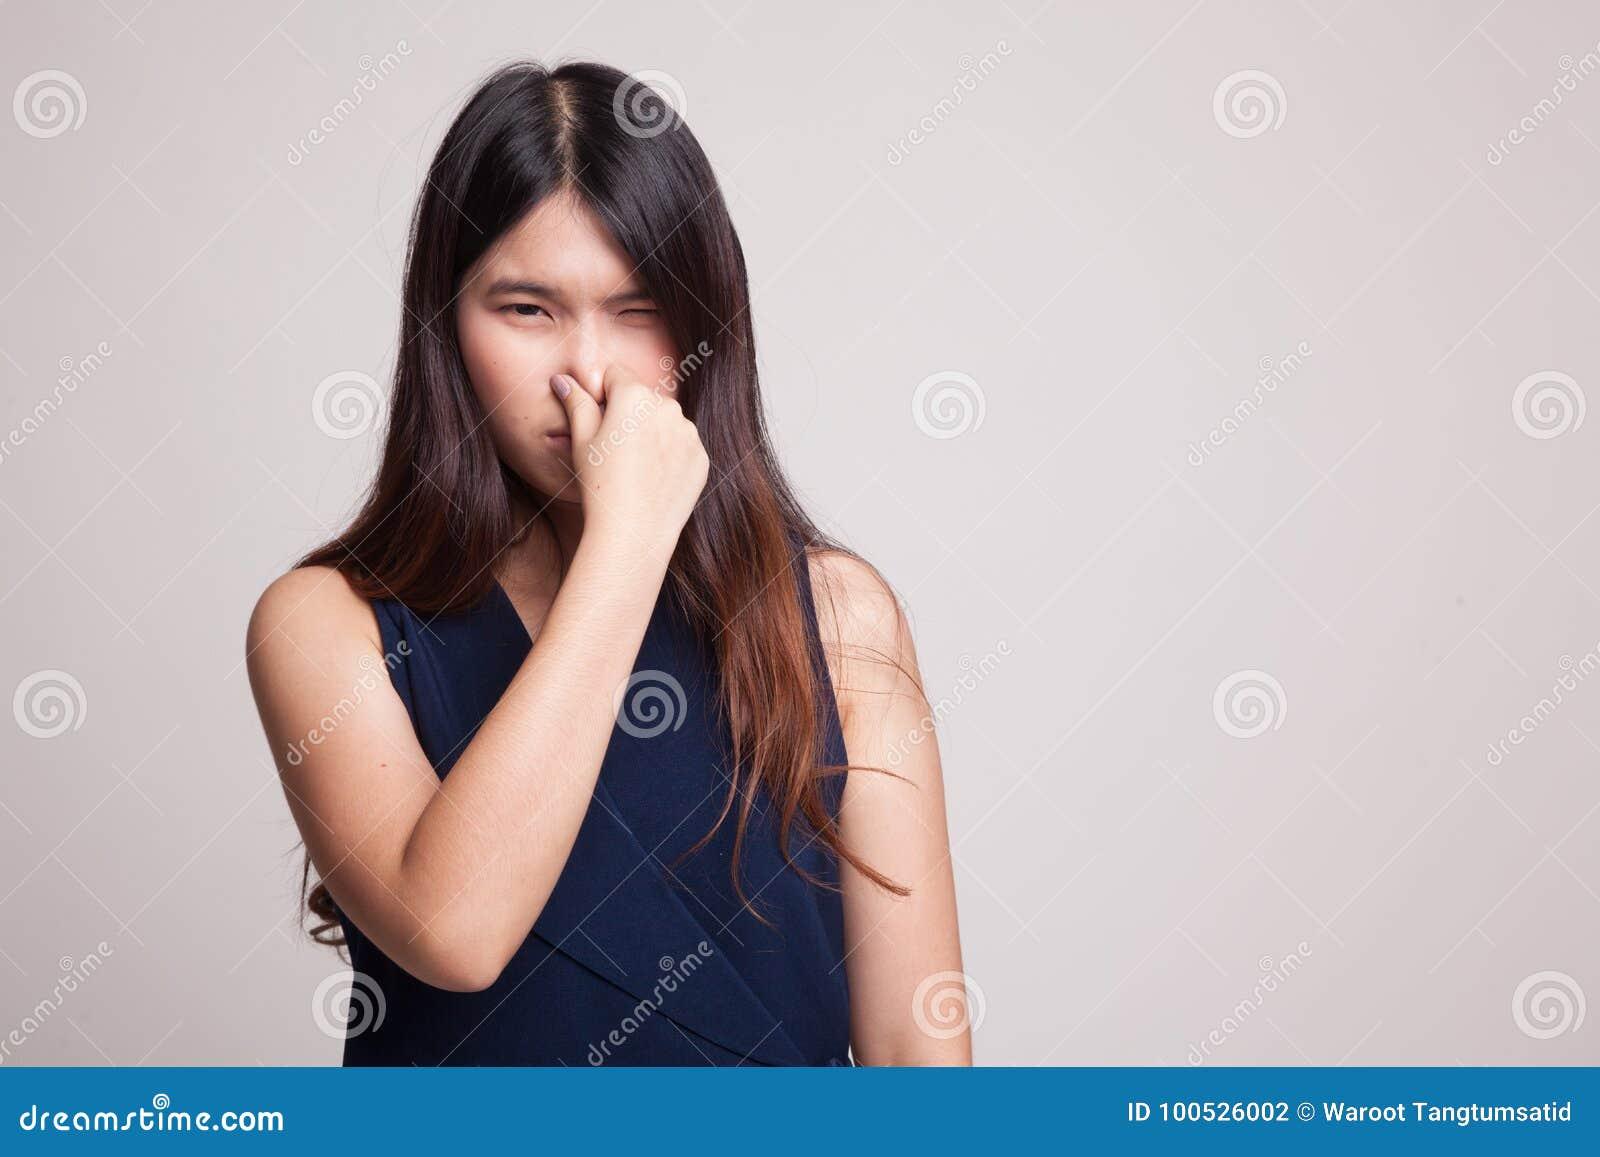 British women facial cumshot